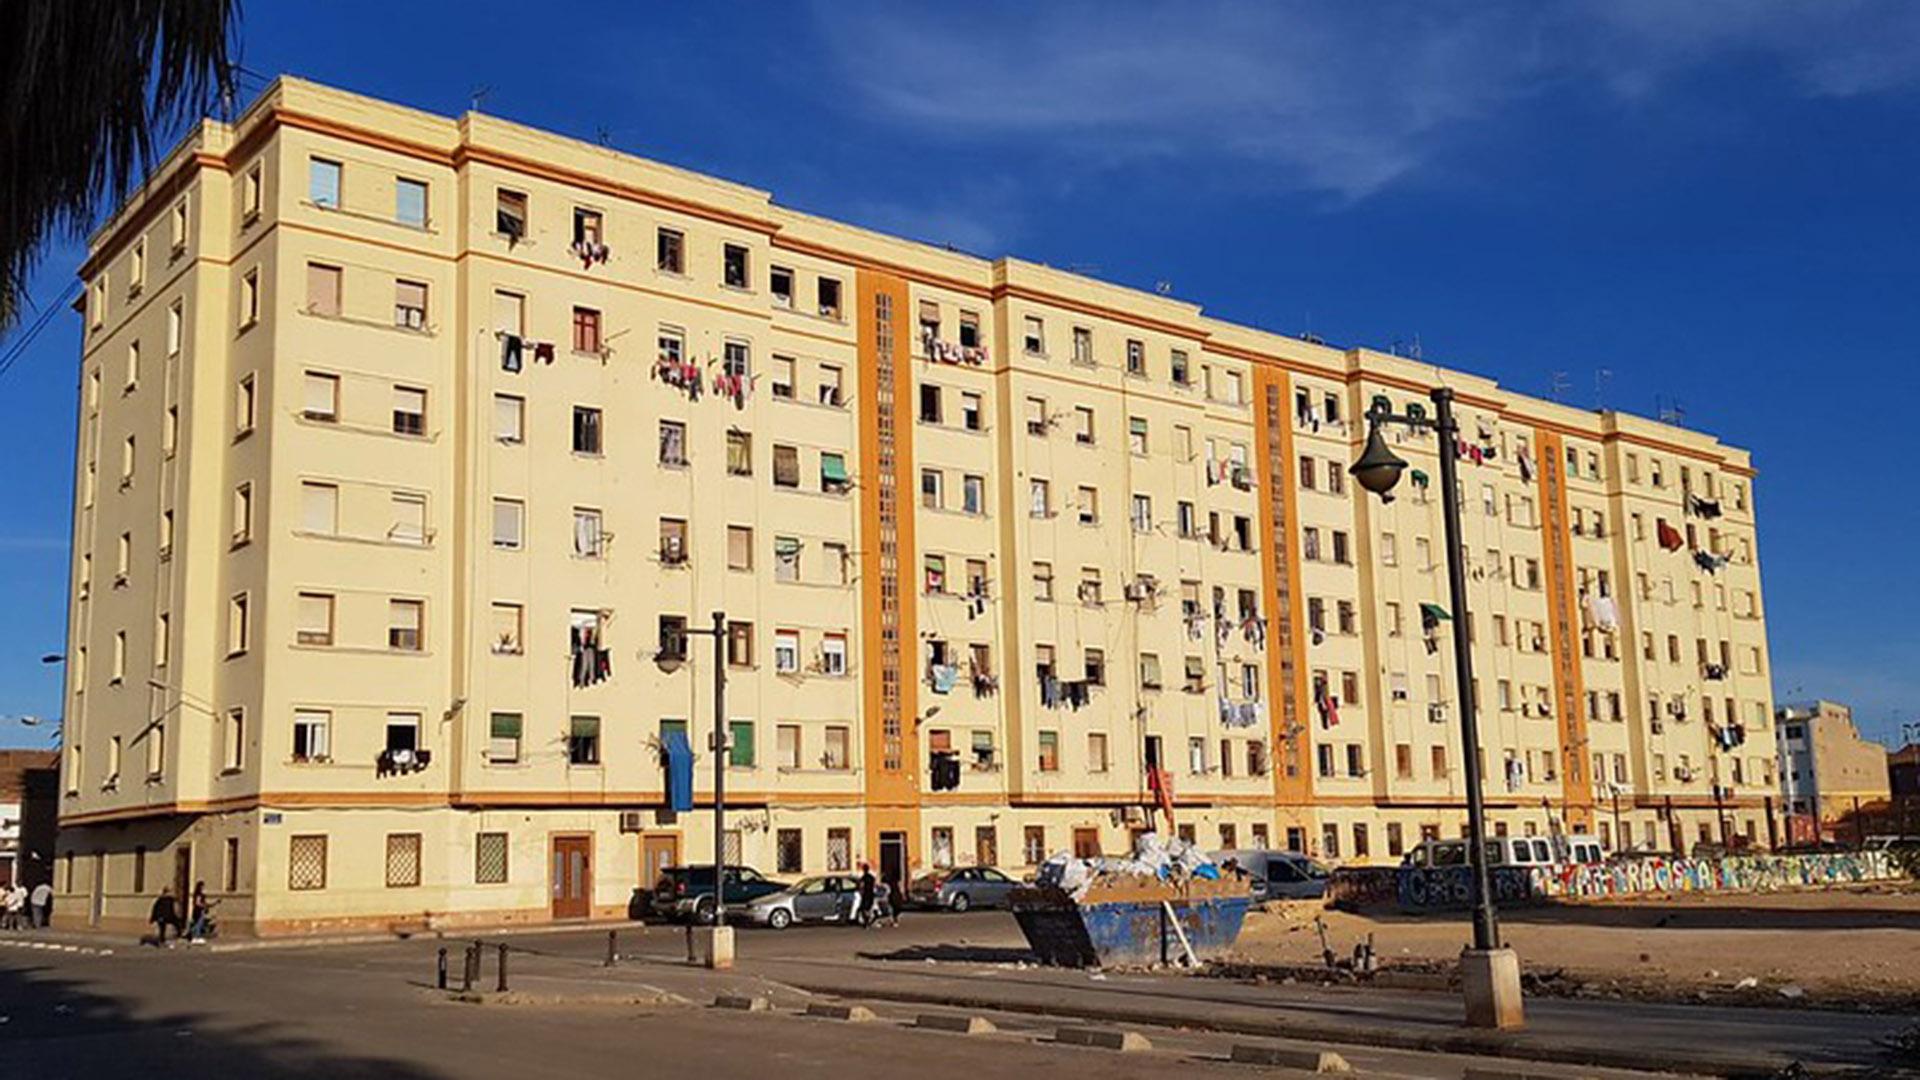 El projecte suposaria alçar unes 160 vivendres i rehabilitar-ne altres 99 al barri